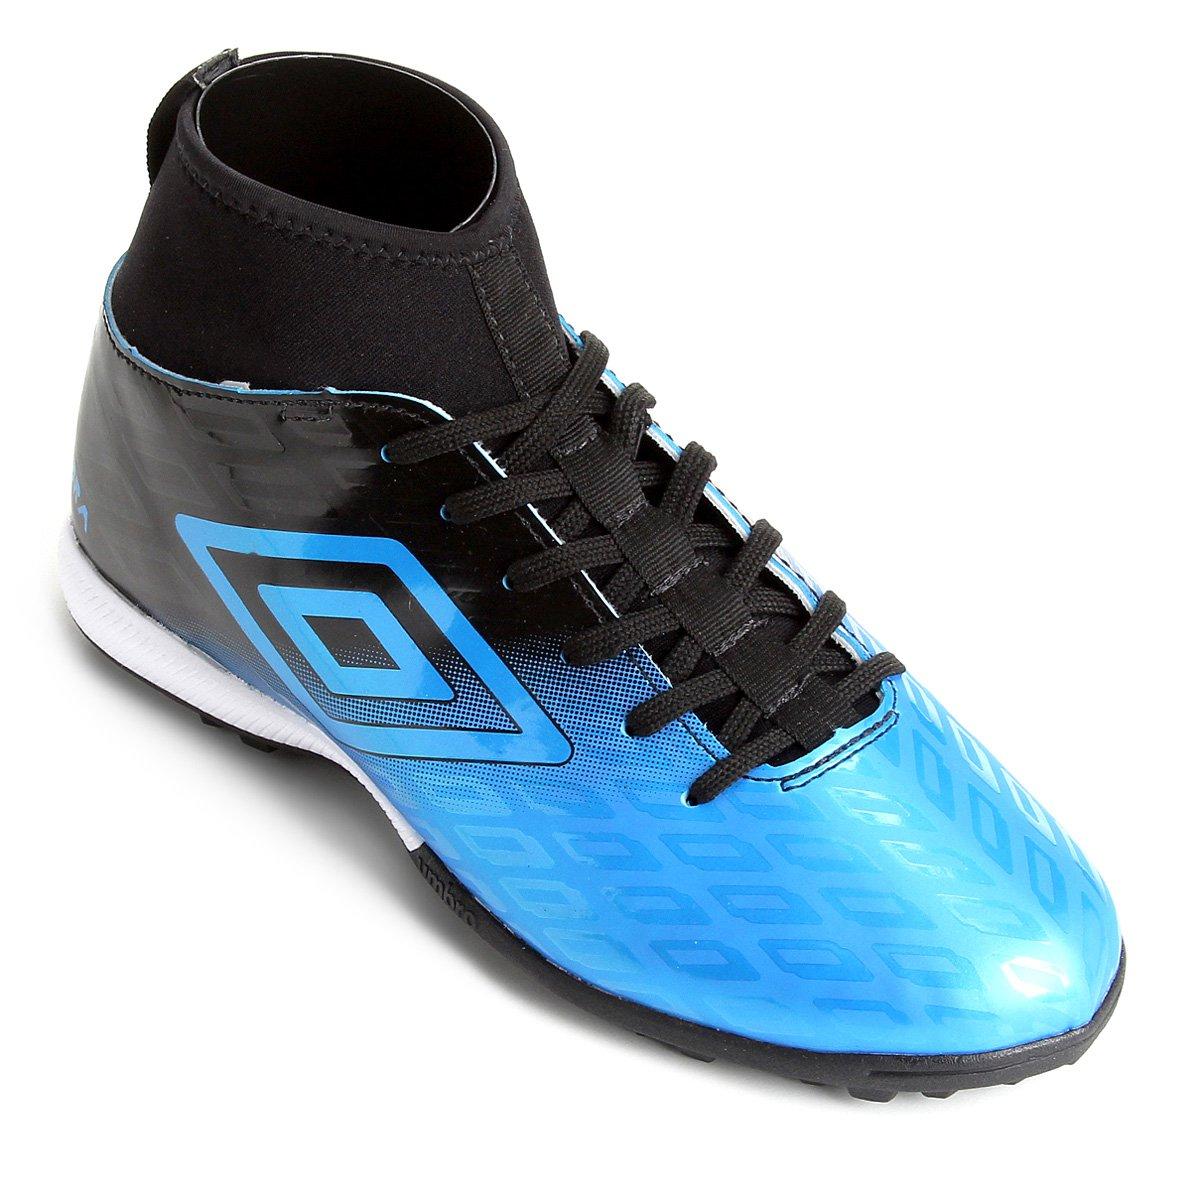 e17319c45e Chuteira Society Umbro Calibra - Azul e Preto - Compre Agora ...